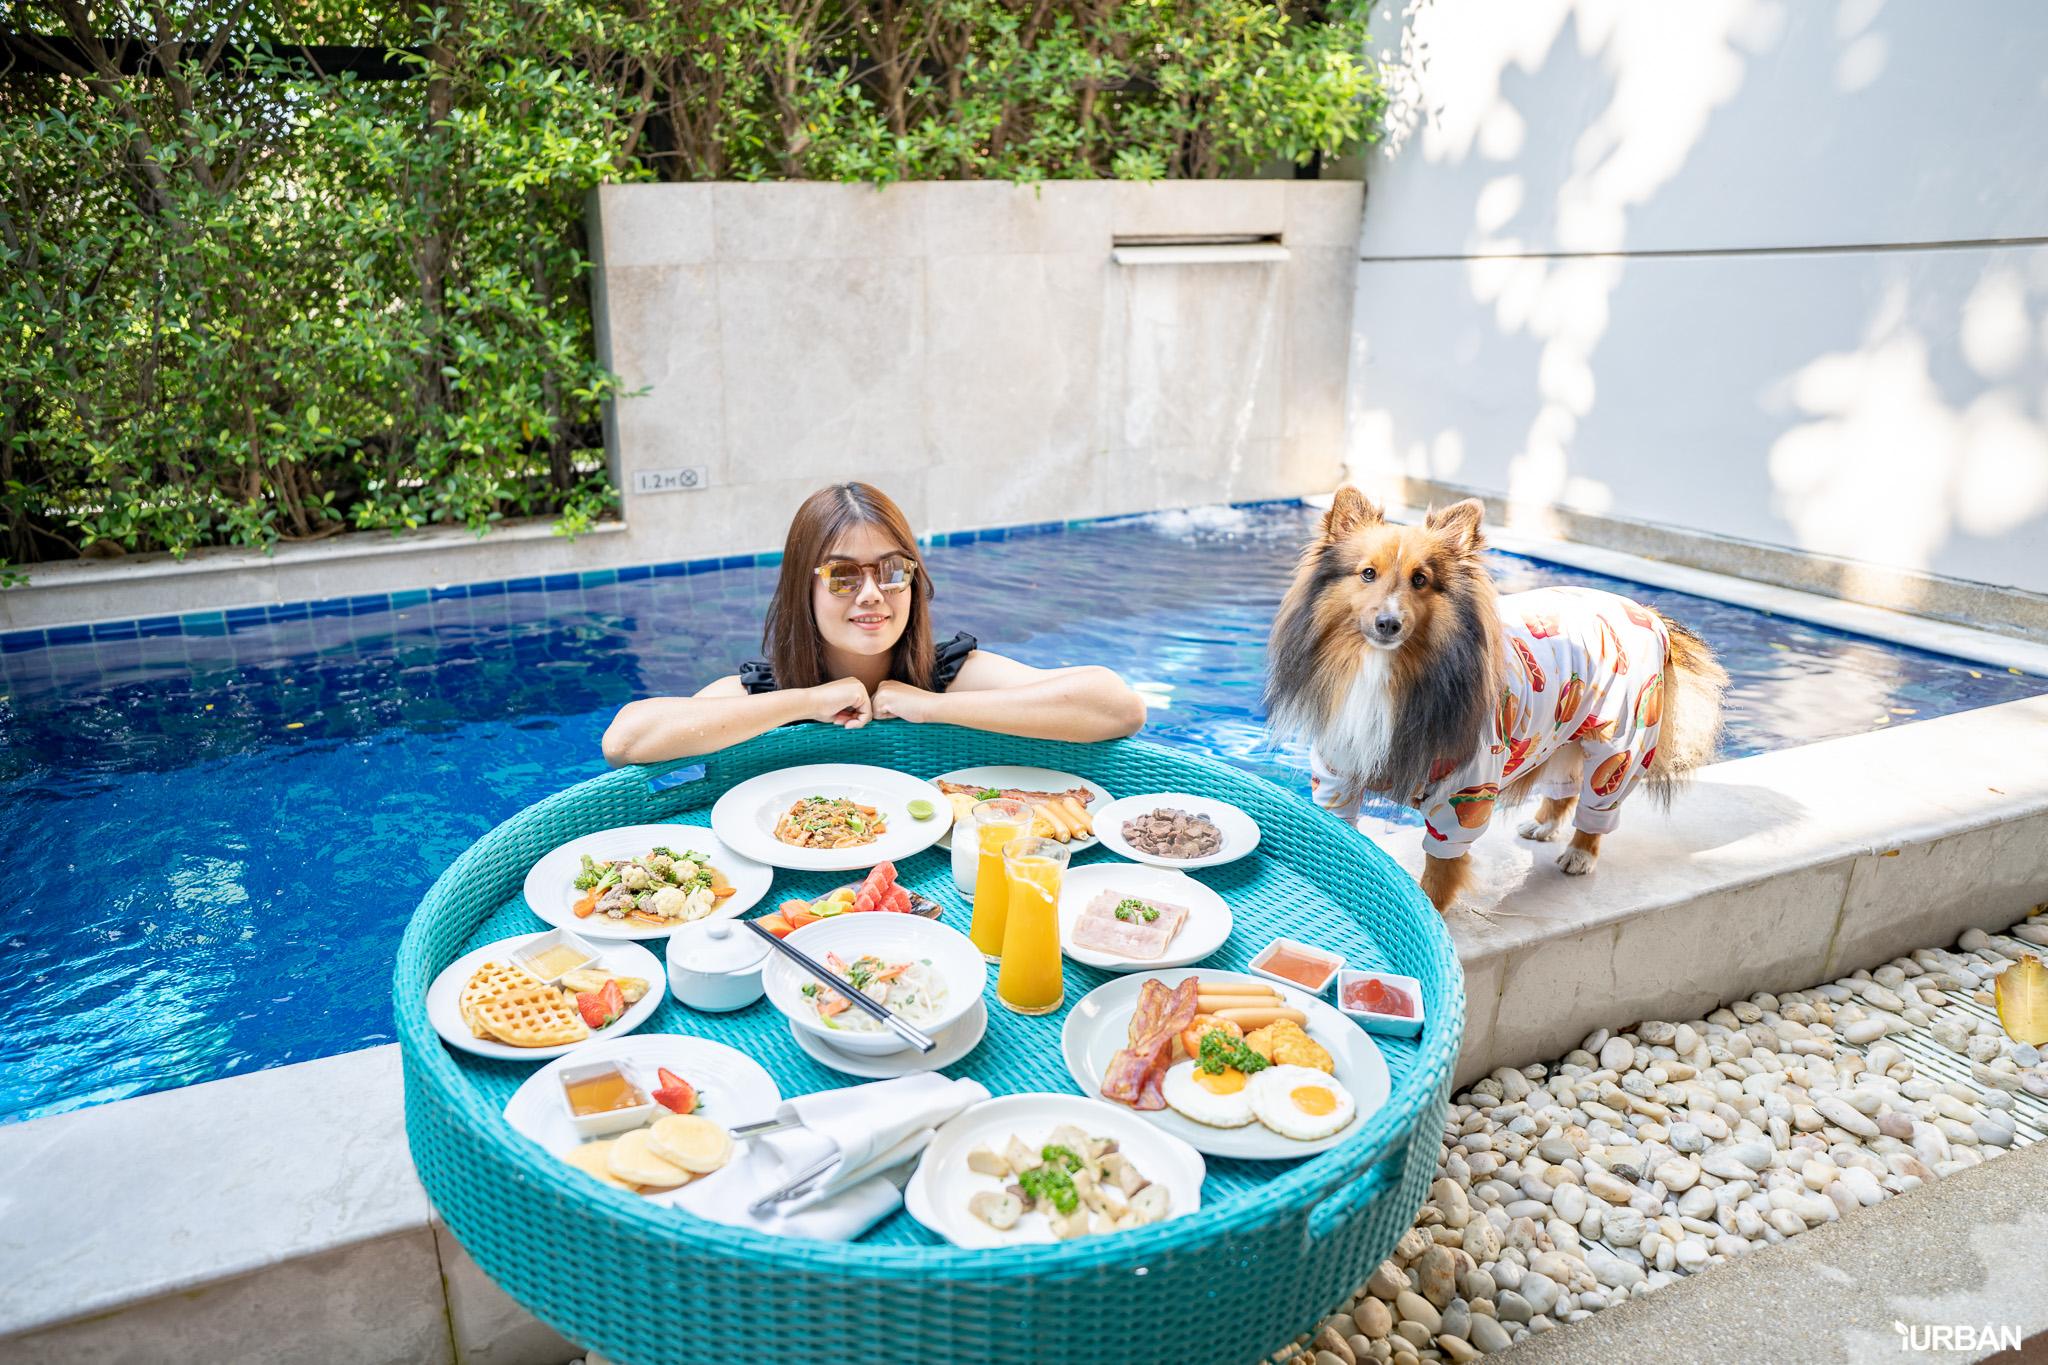 รีวิว Avani+ Hua Hin Resort พูลวิลล่าส่วนตัวสุดหรู หนึ่งในรีสอร์ทสุนัขพักได้ที่ดีที่สุดในไทยจากเชนจ์ Minor 60 - Avani